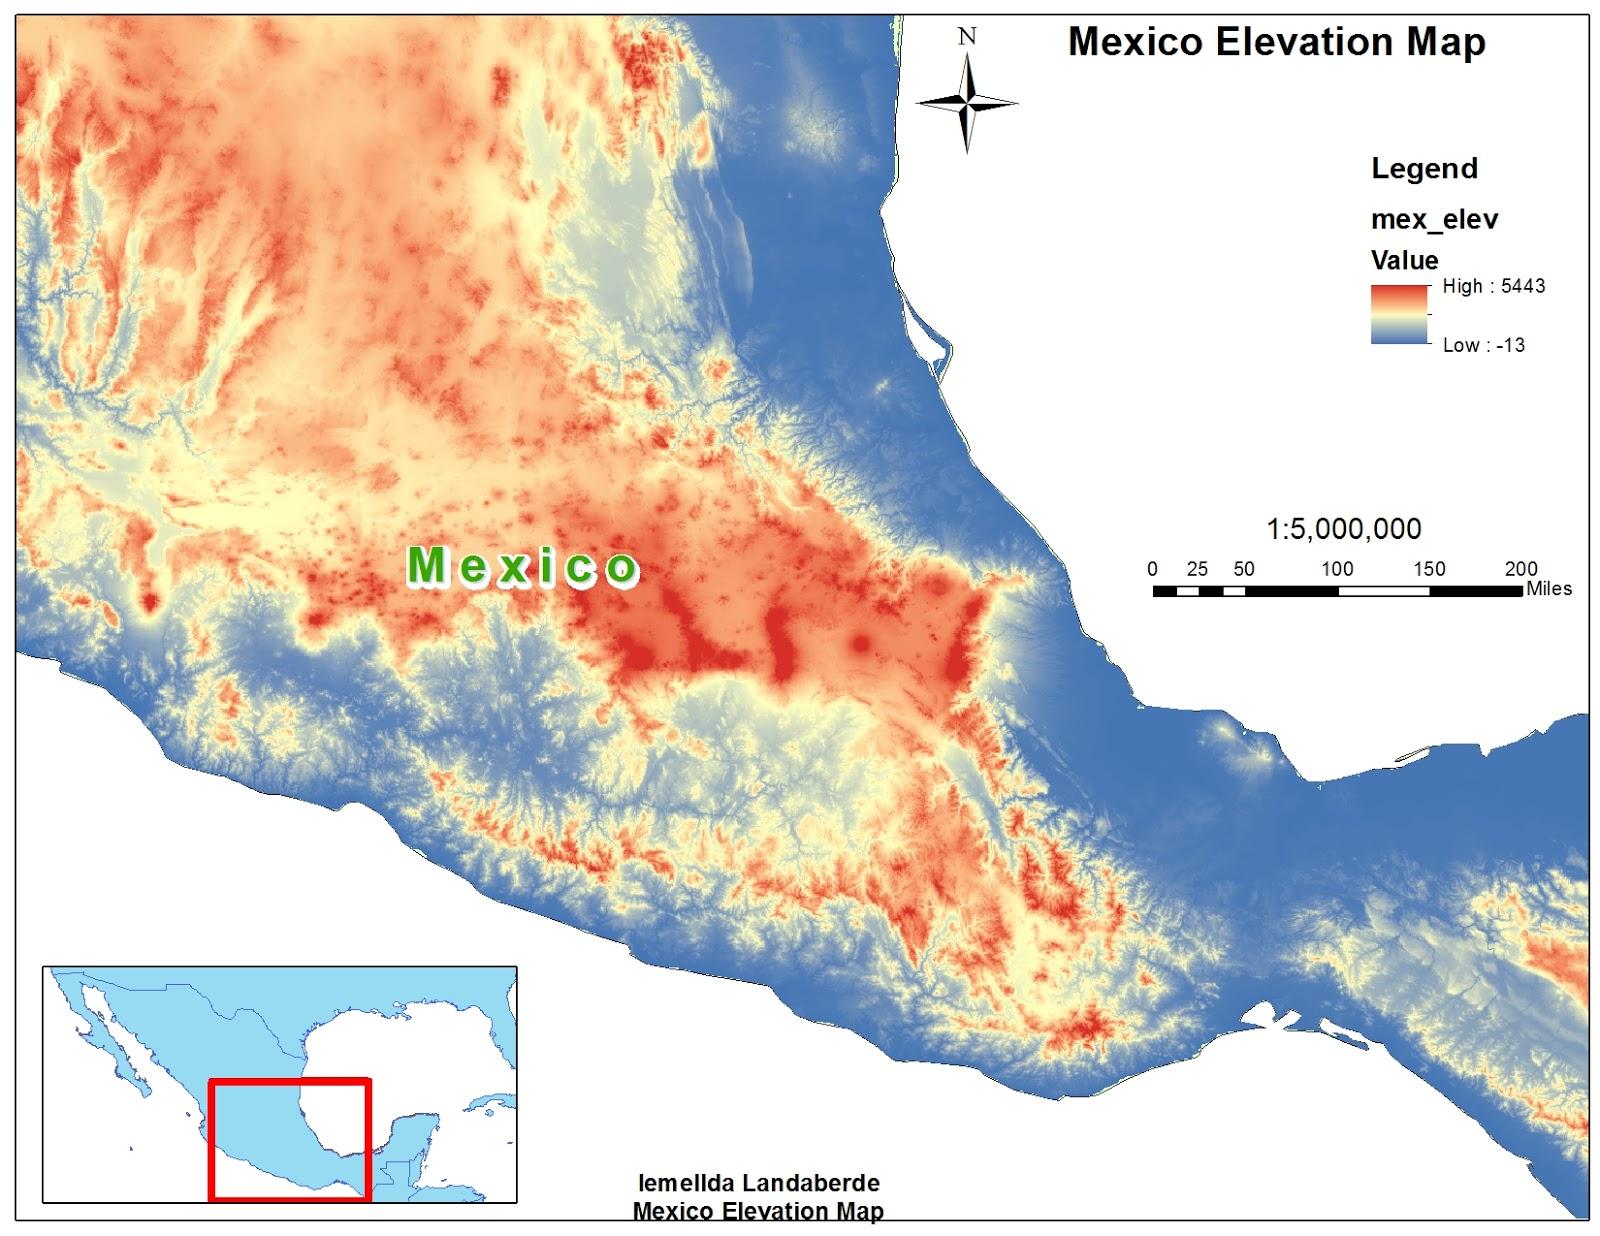 GIS Blog: Mexico